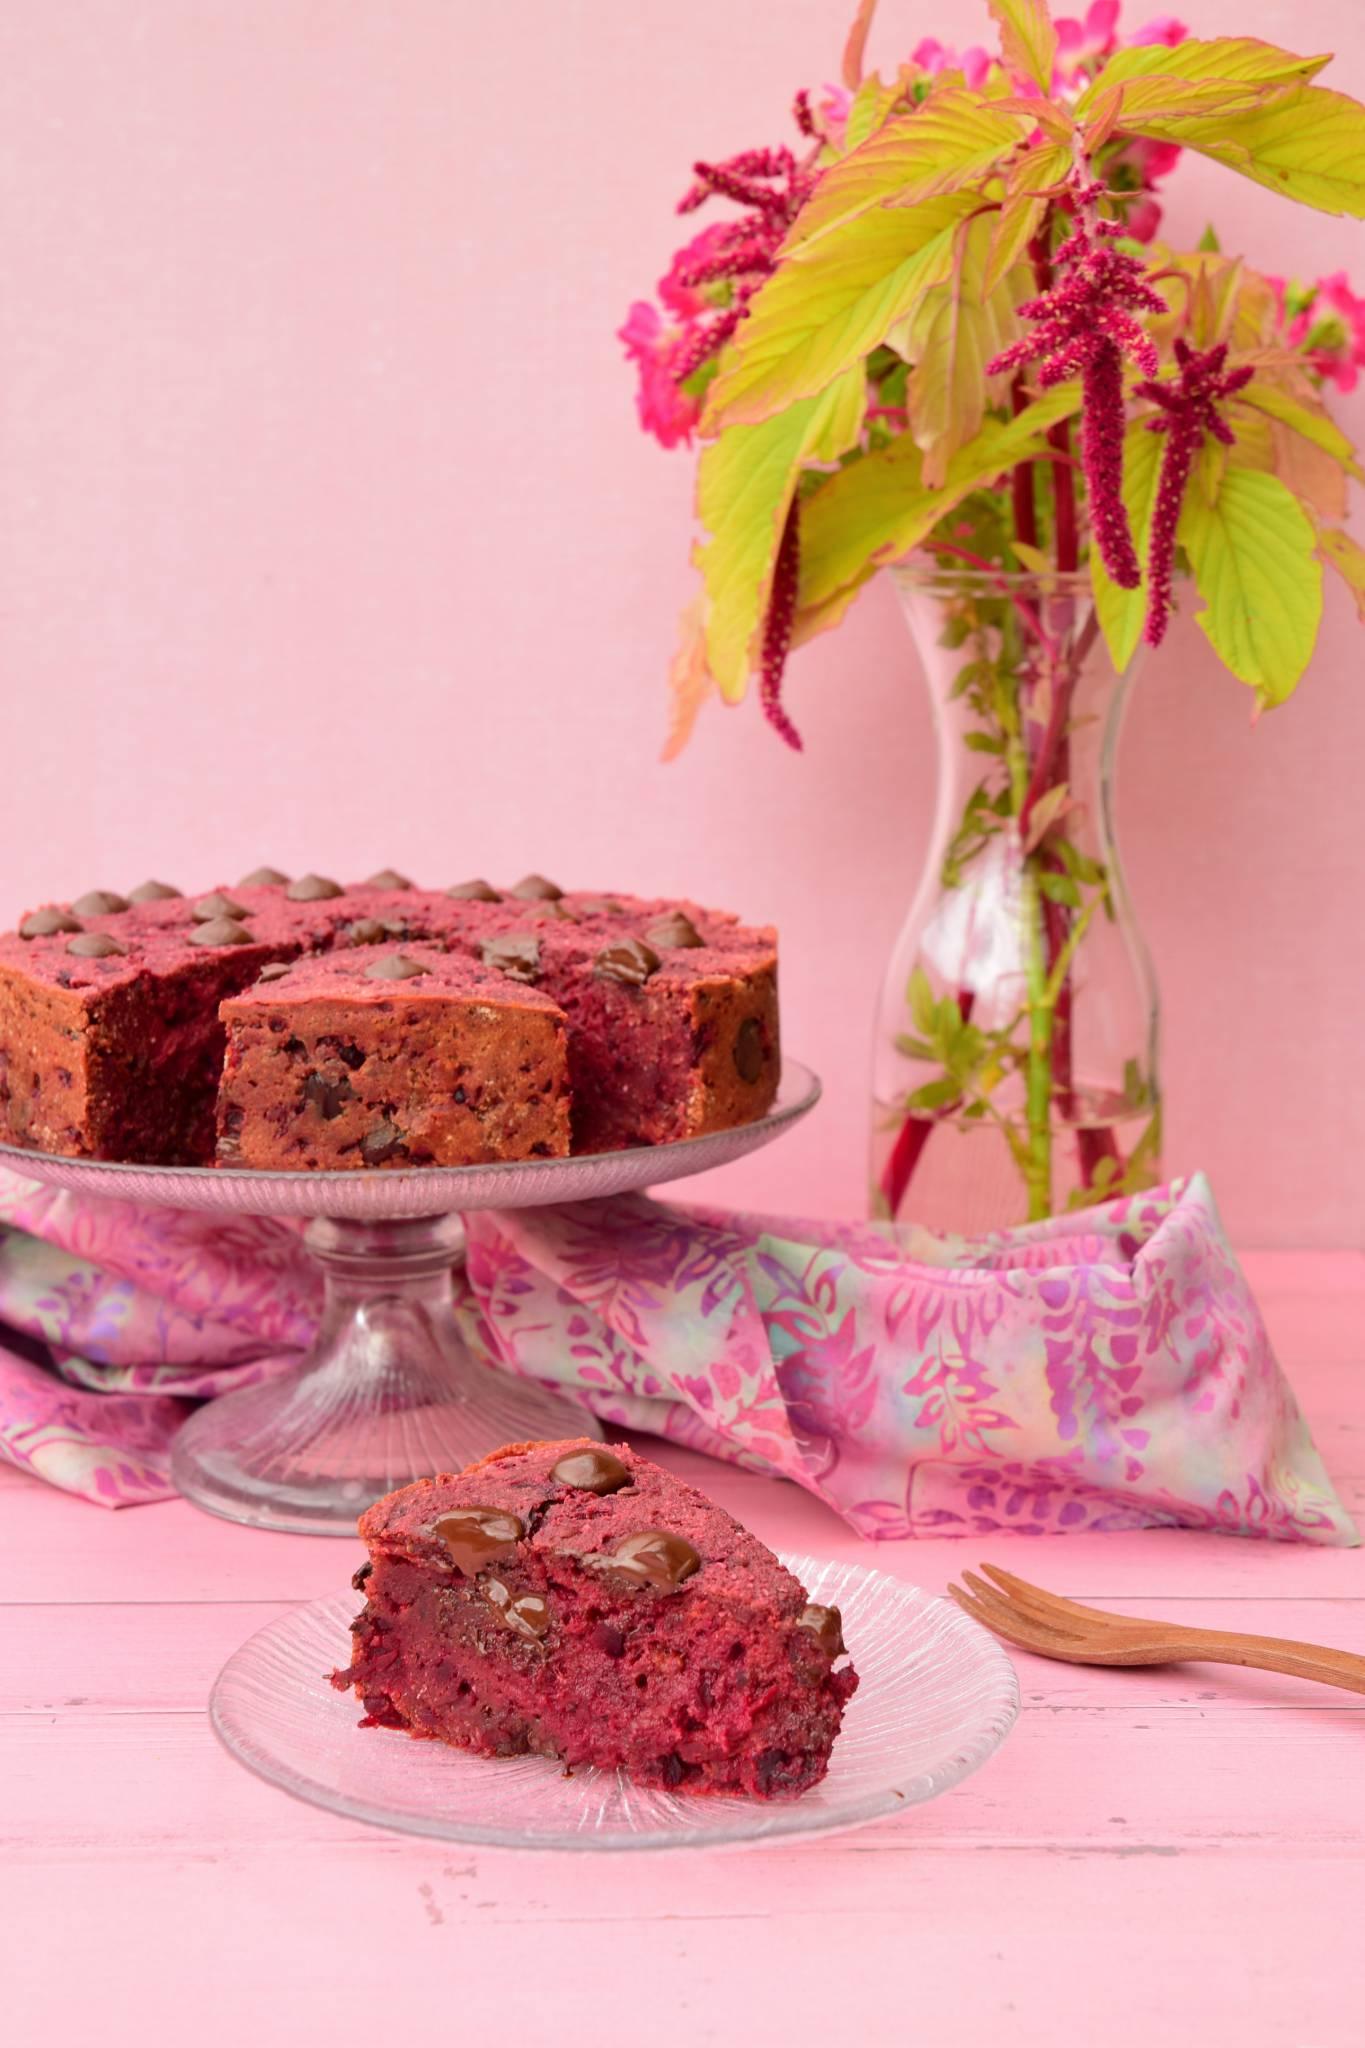 Przepis na pyszny tort buraczany